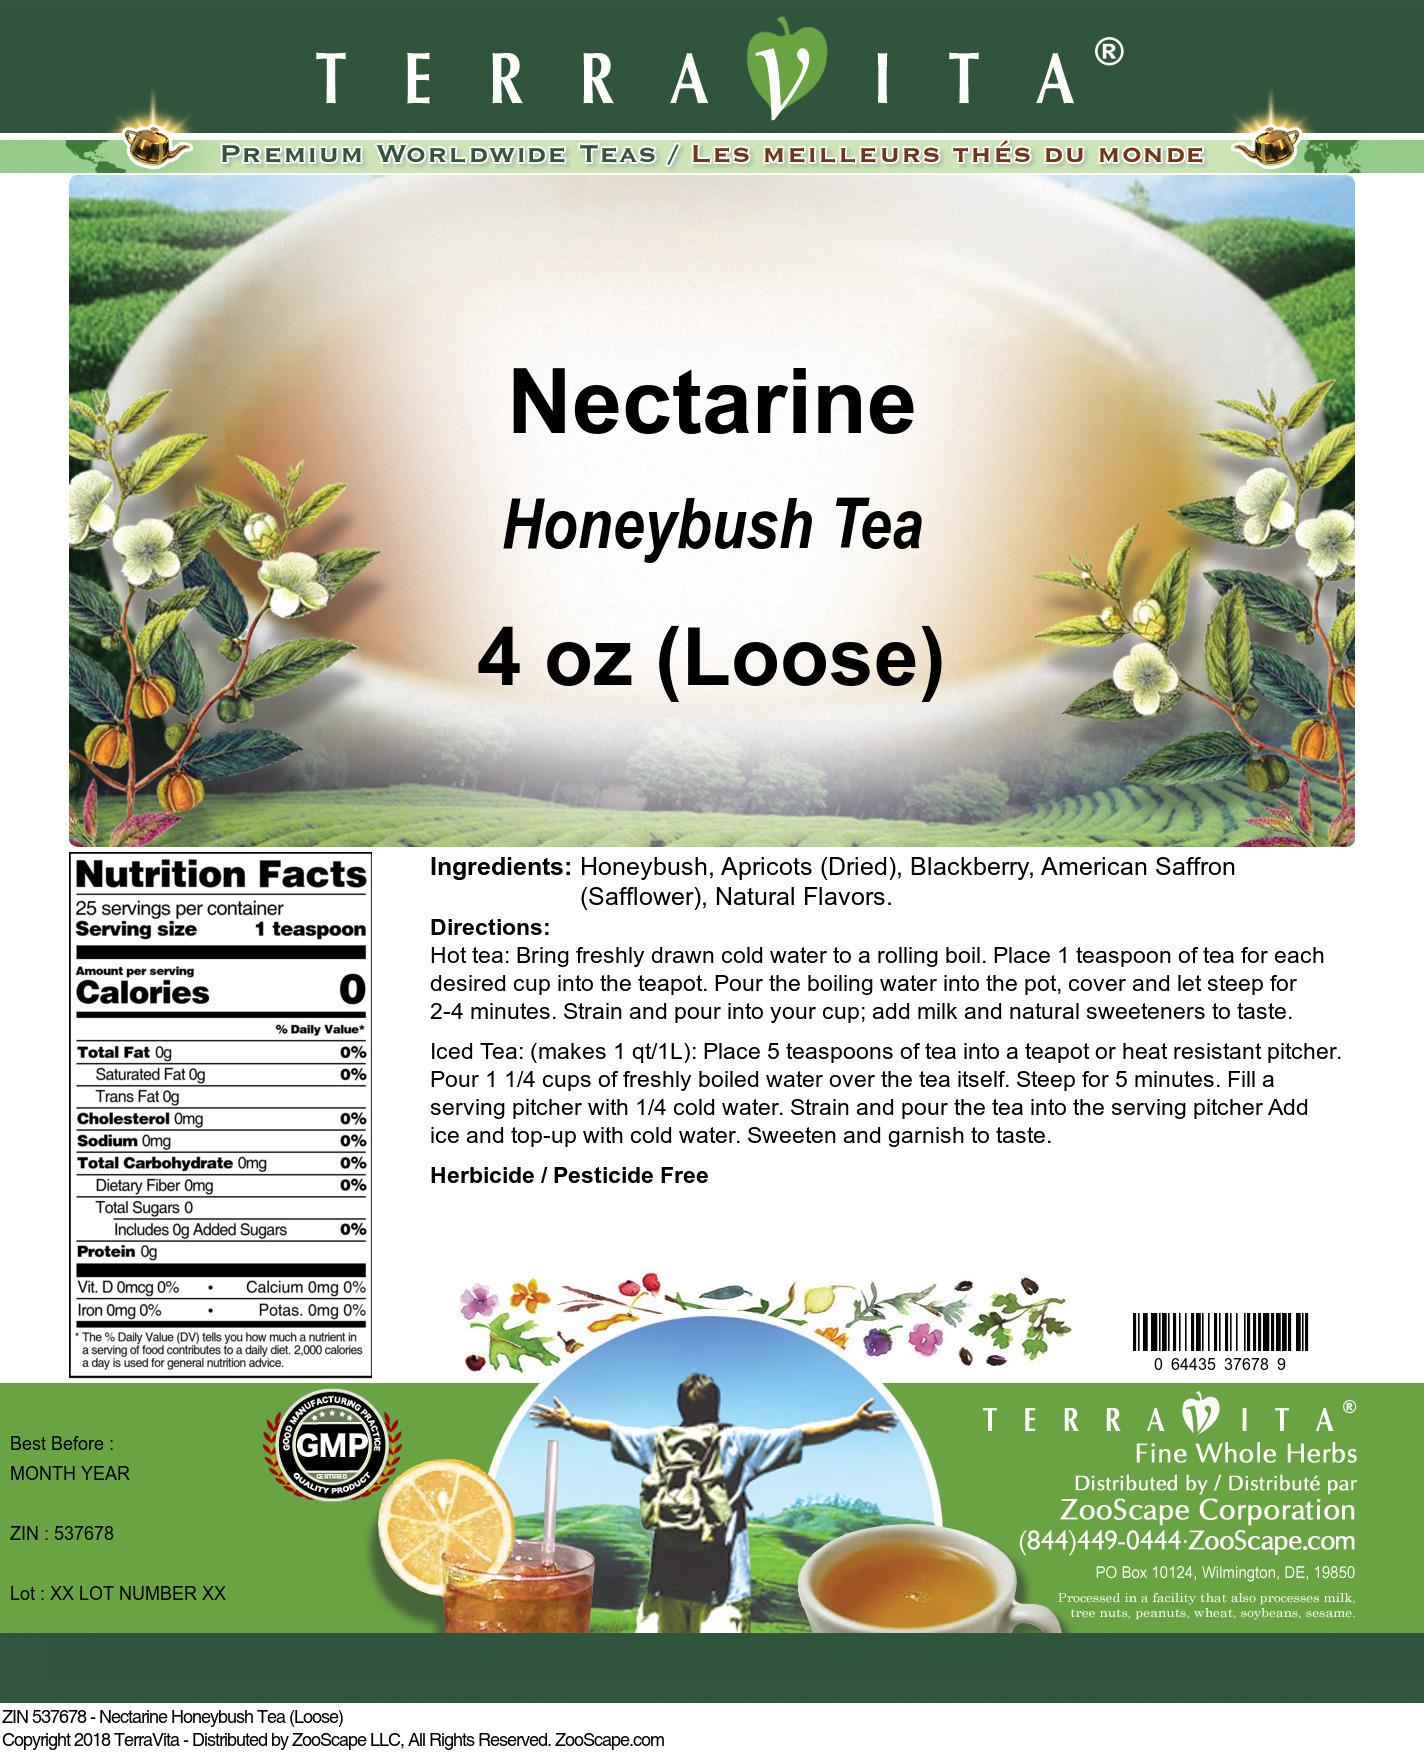 Nectarine Honeybush Tea